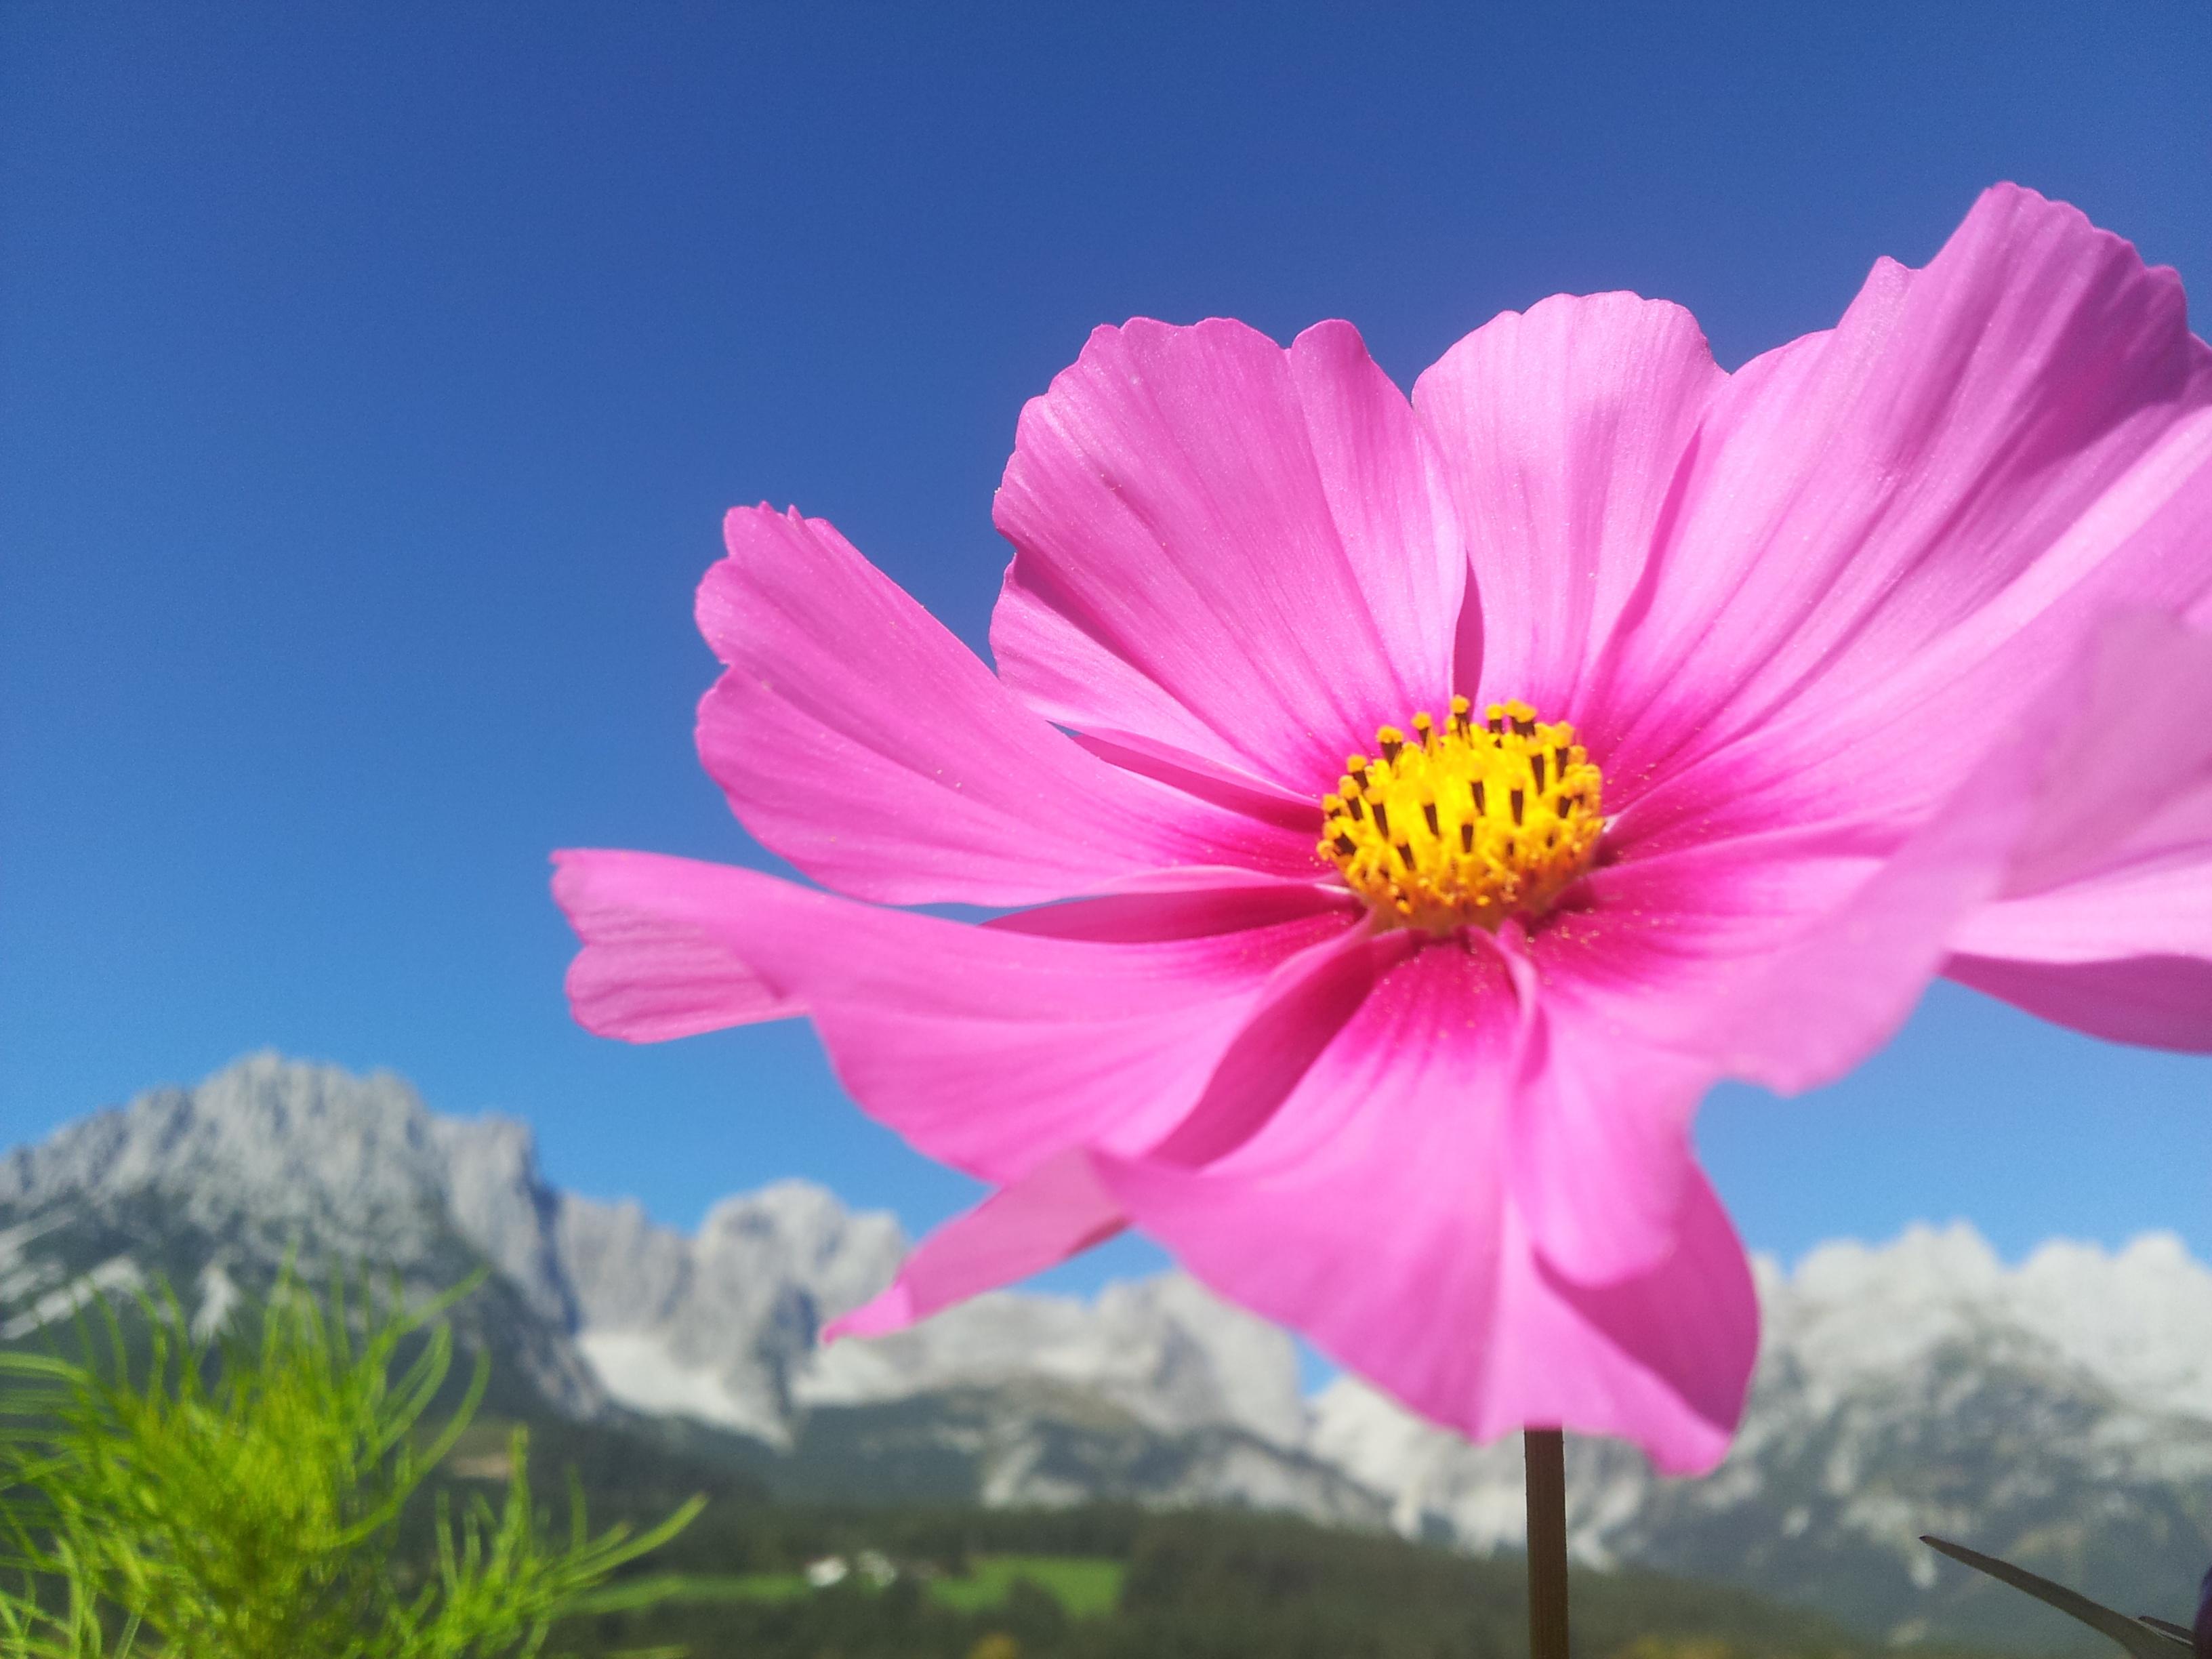 fleur rose devant la montagne